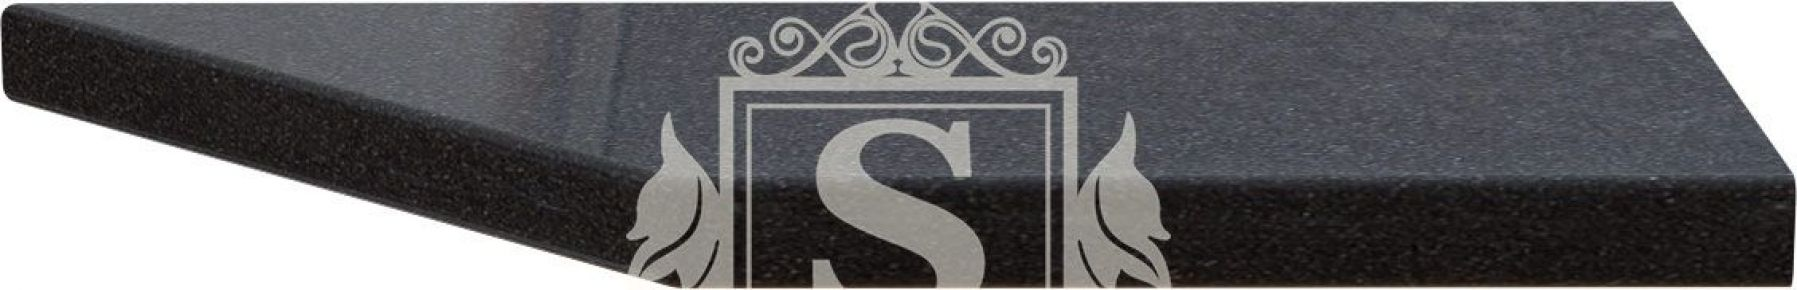 Фото Столешница угловая «Керамика черная» 180 см | 38 мм - sofino.ua